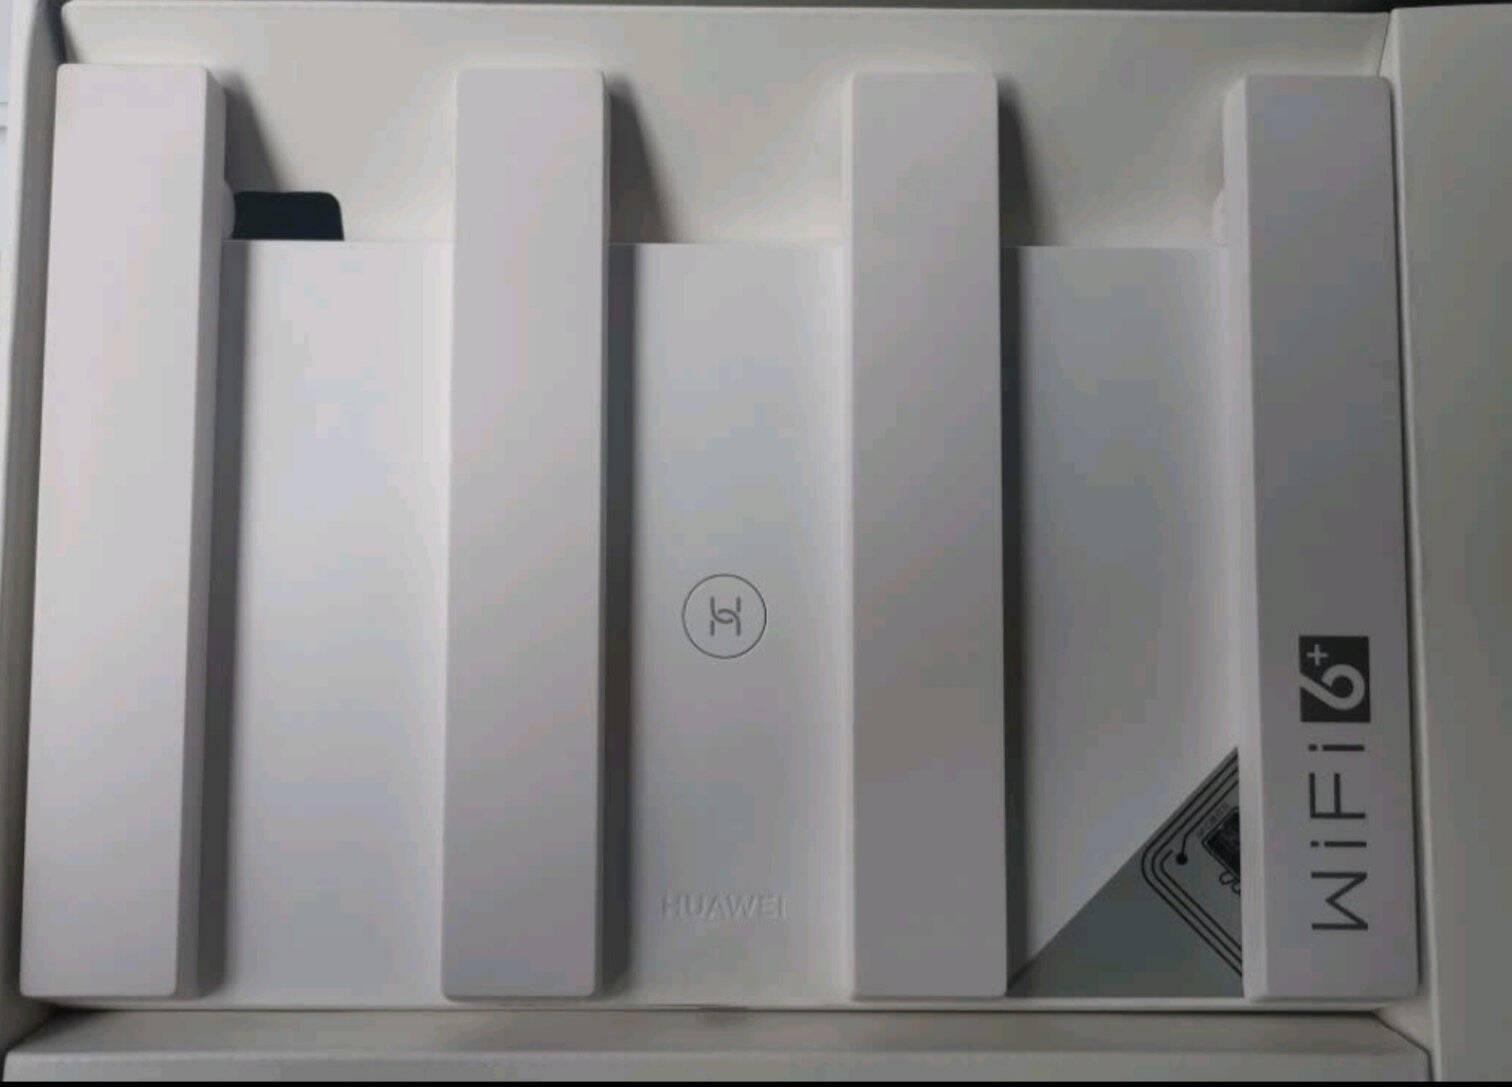 华为路由WS5200增强版New双千兆路由器自营1200M双频wifi/无线家用穿墙/5G双频智能无线路由/高速路由